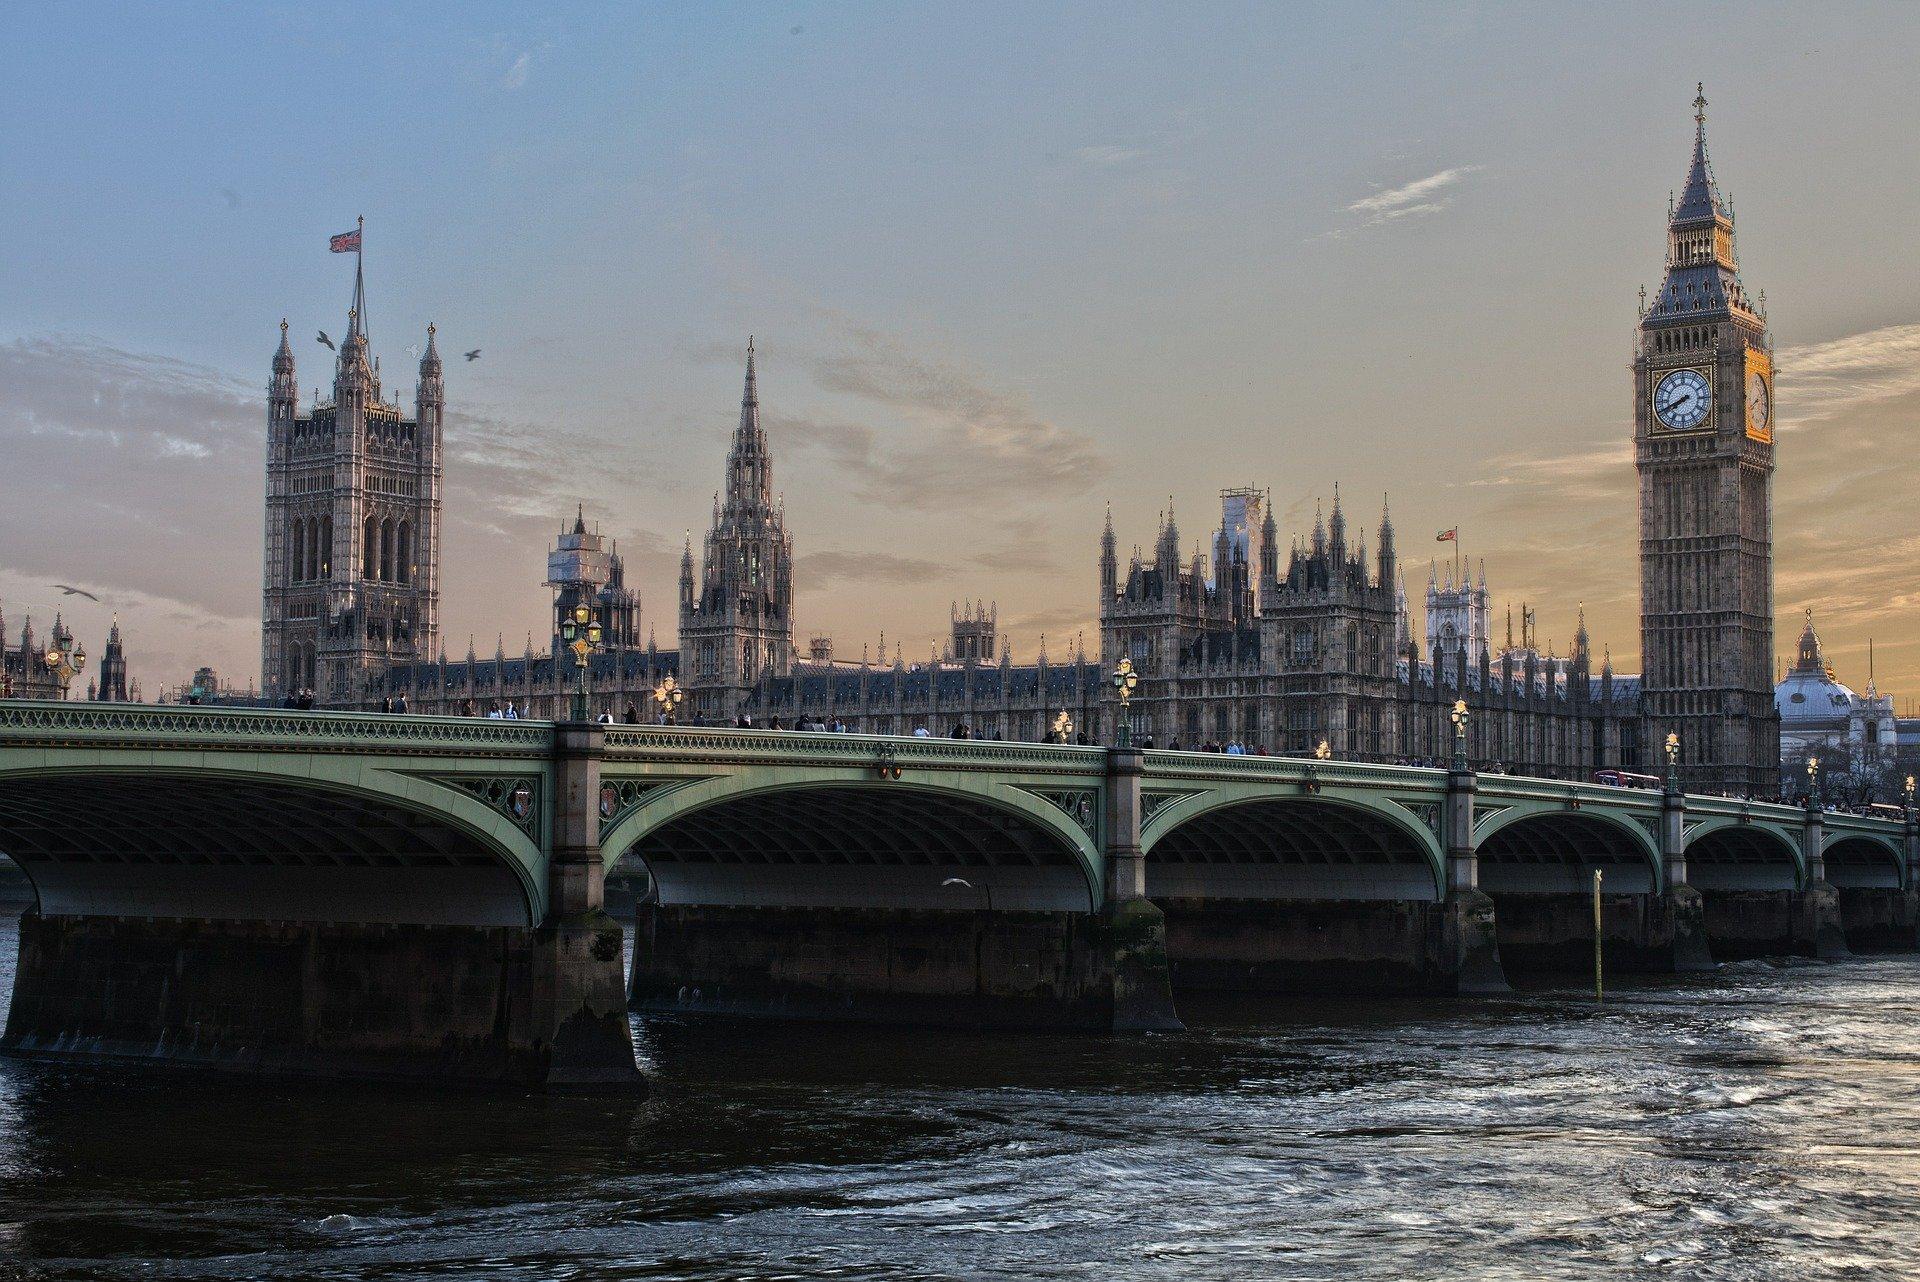 W. Brytania: Poziom zagrożenia koronawirusem obniżono z 4 na 3